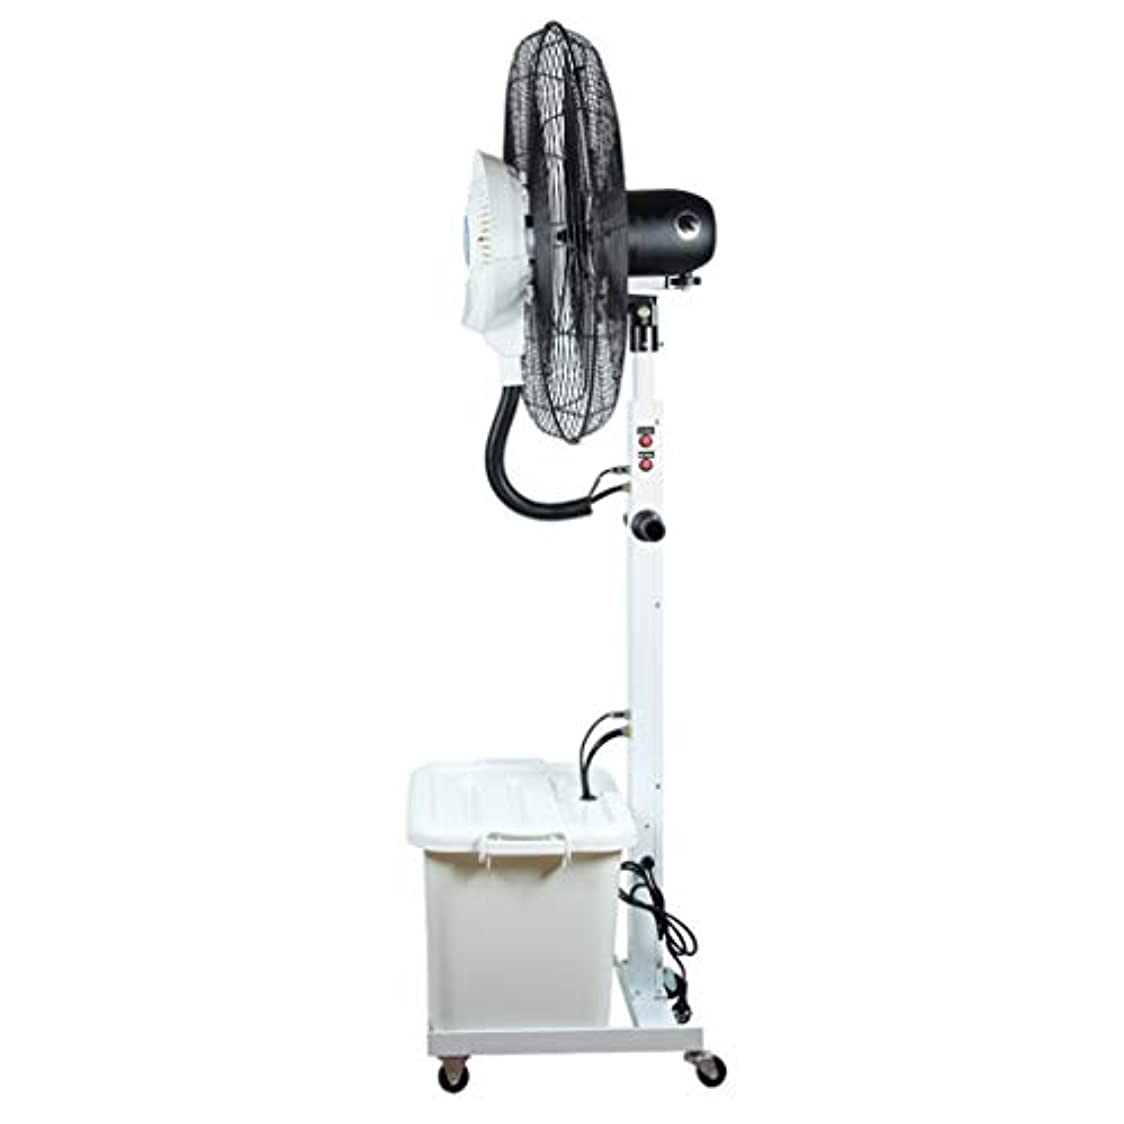 試用暴力的な定刻リビング扇風機ハイパワーファン 白 台座ファン 加湿と冷却 振動する 冷風サーキュレータ 回転ファンヘッド シンプルで組み立てが簡単 - 固定身長175cm